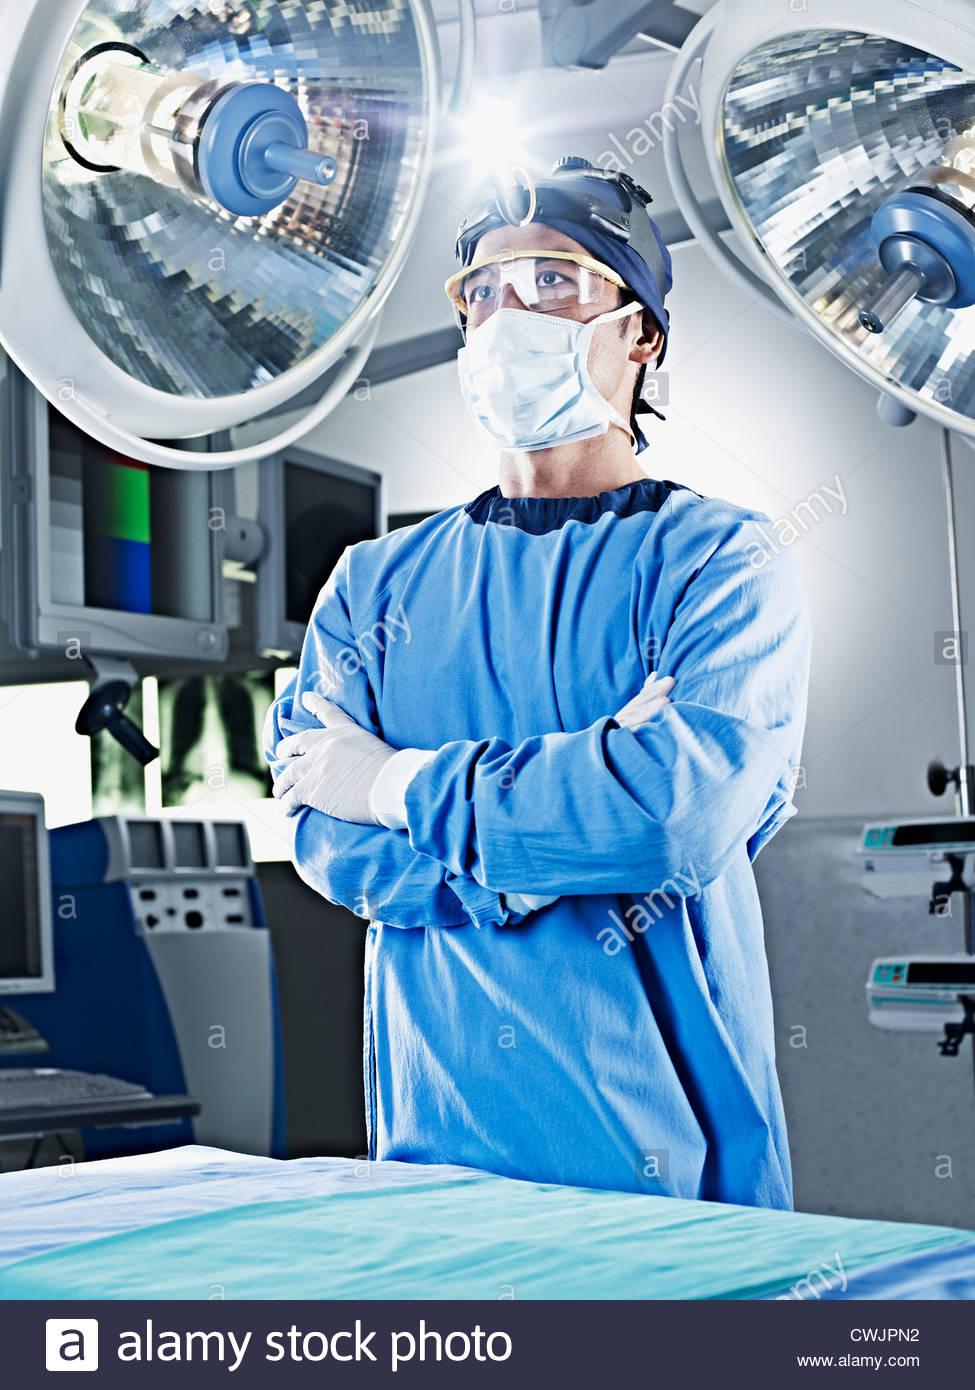 Retrato de graves cirurgião com braços cruzados sob as luzes cirúrgico Imagens de Stock